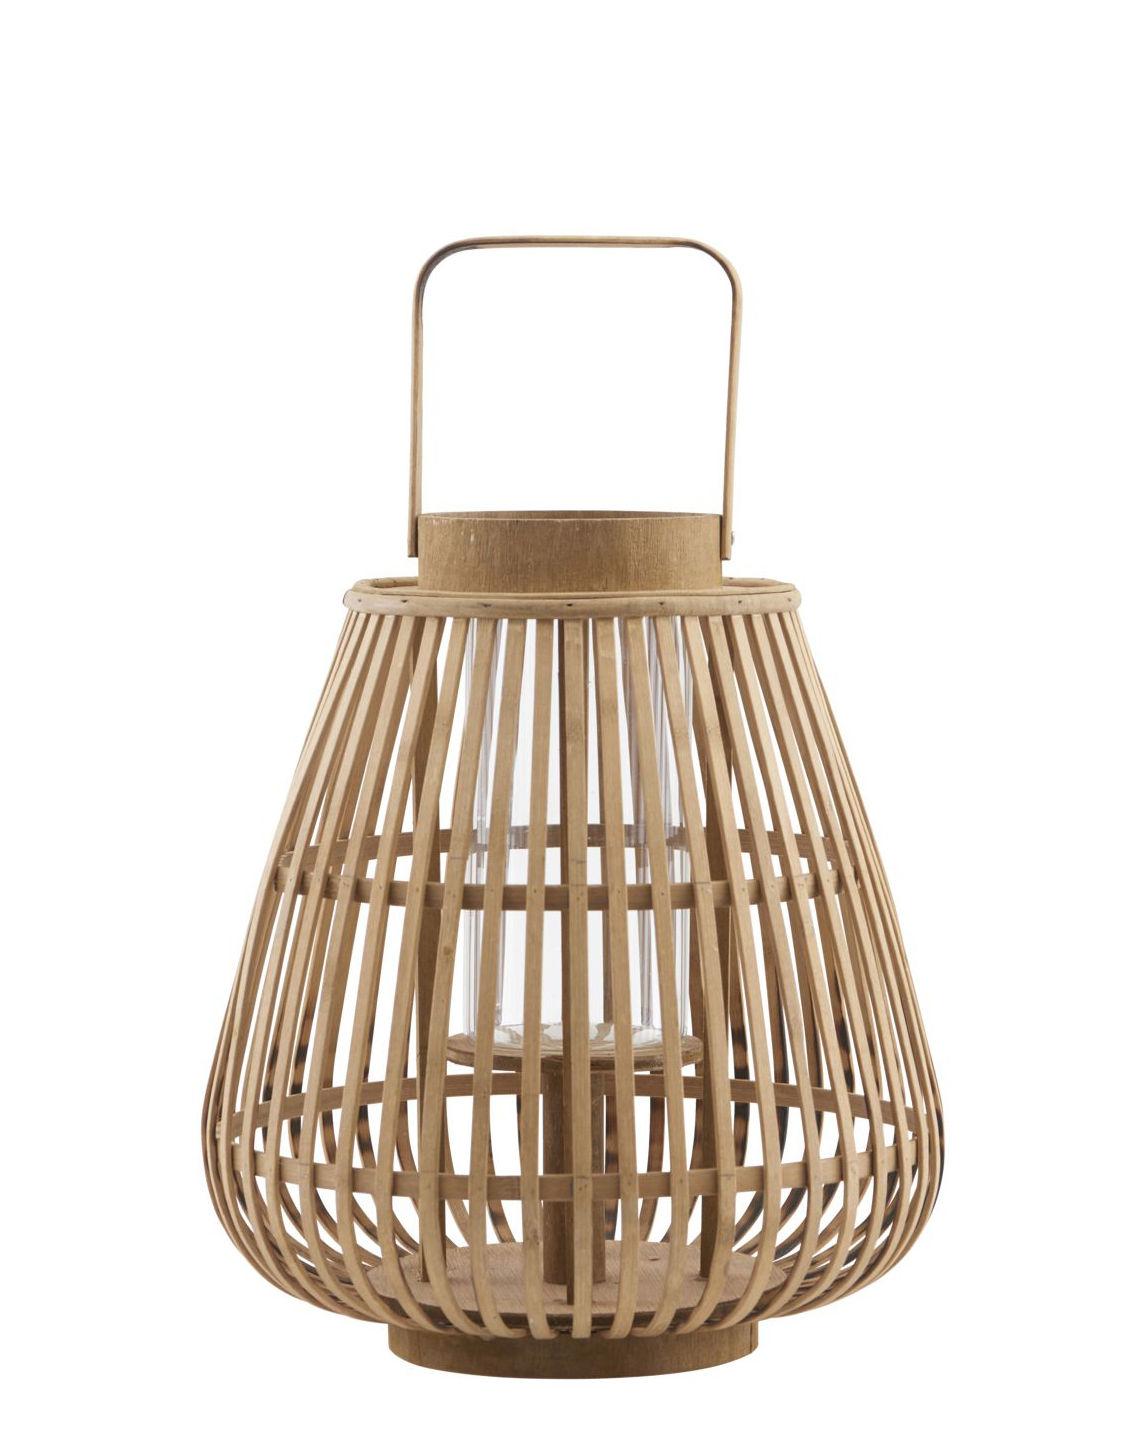 valu bambus h 33 cm house doctor laterne. Black Bedroom Furniture Sets. Home Design Ideas